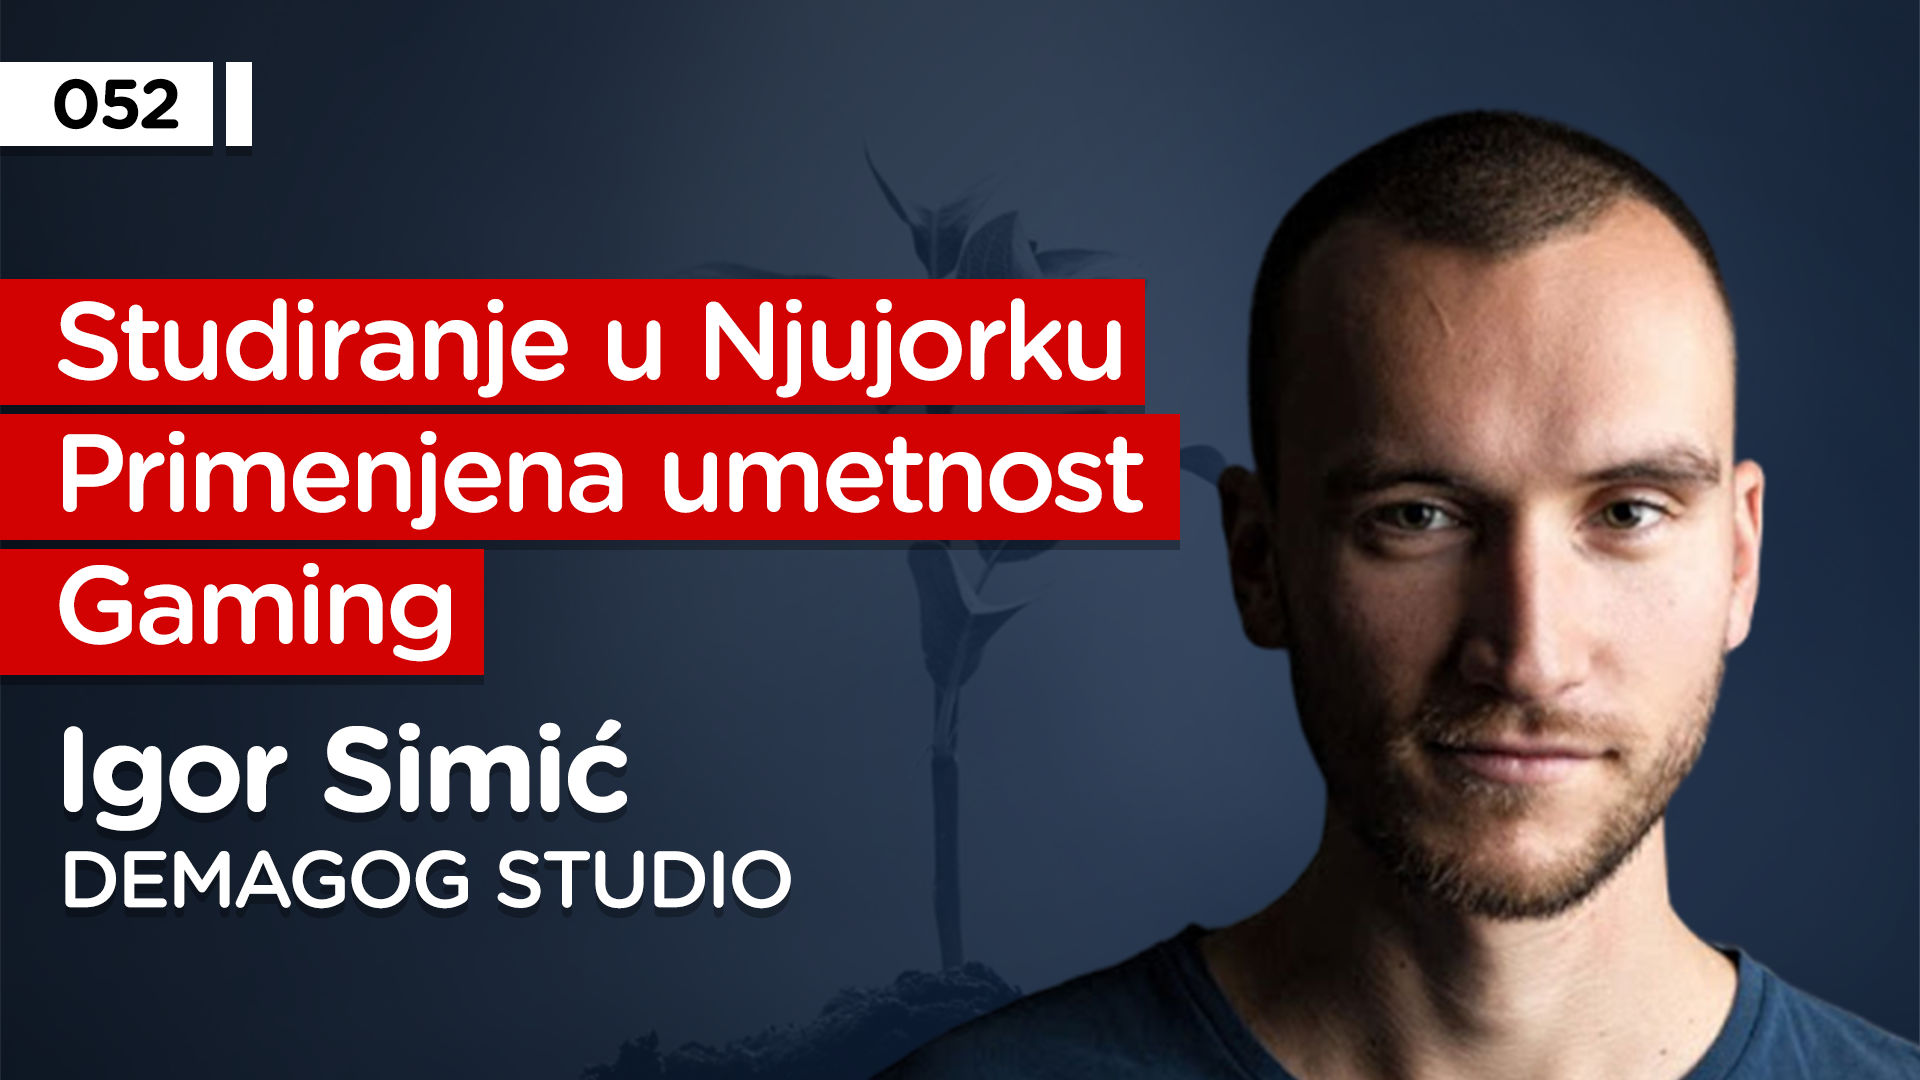 EP052: Igor Simić